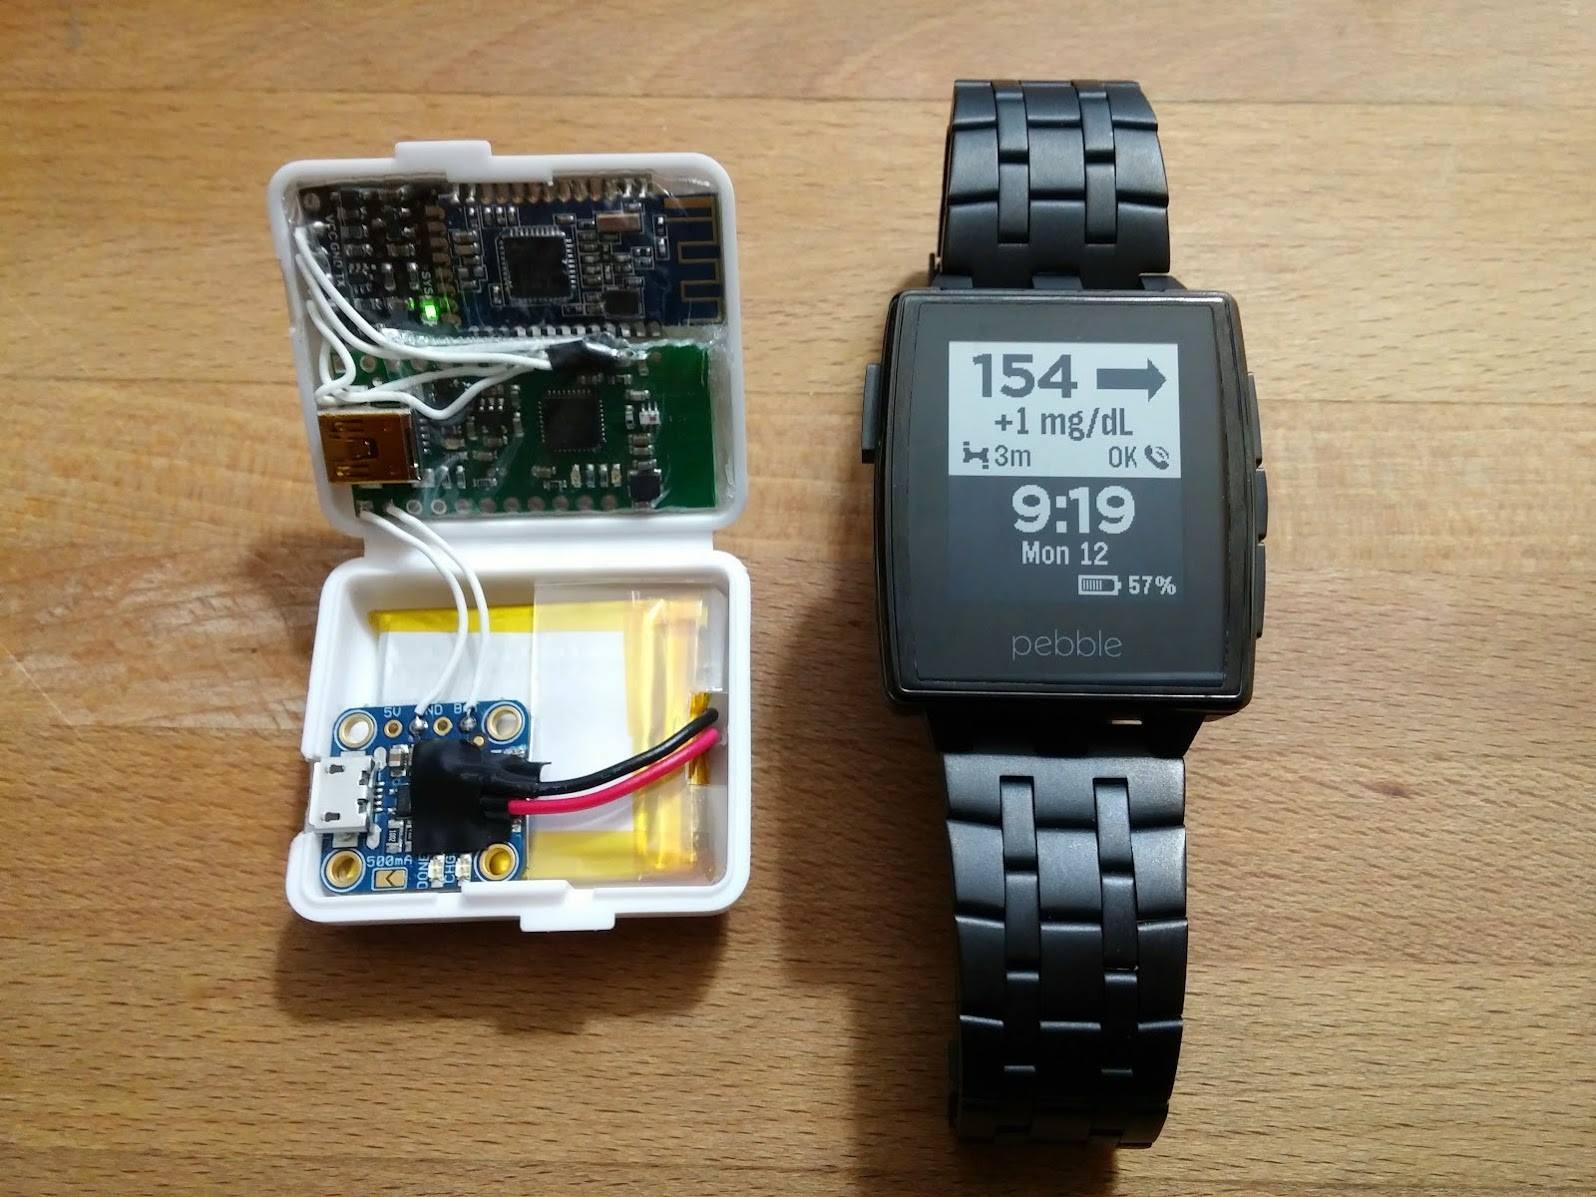 Desarrollan sensor wireless que visualiza los valores de glucosa en sangre en un reloj Pebble